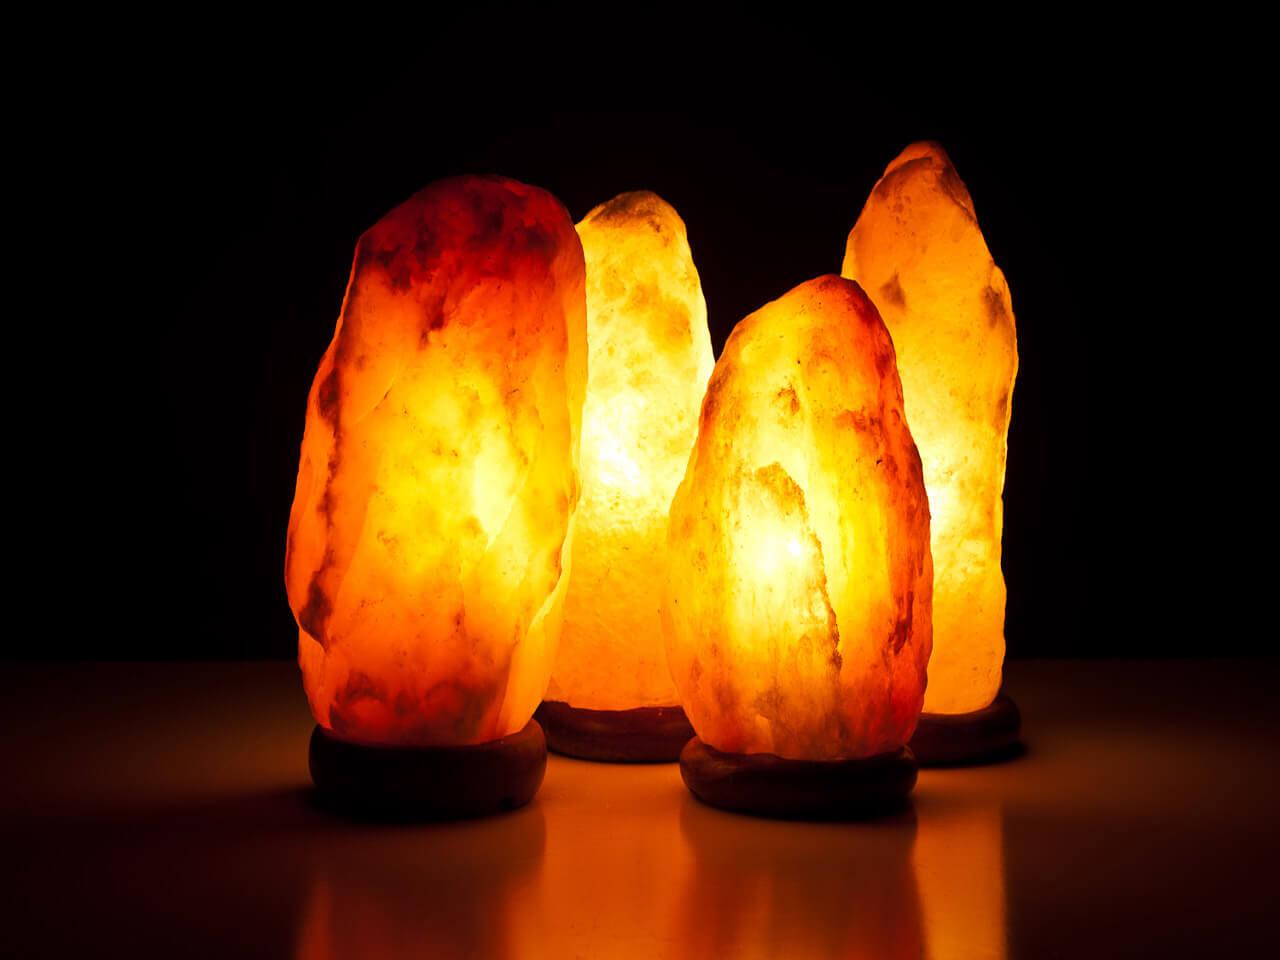 Đèn đá muối Himalaya tự nhiên giá 90n/1kg - Sản phẩm Việt - Trường Giang